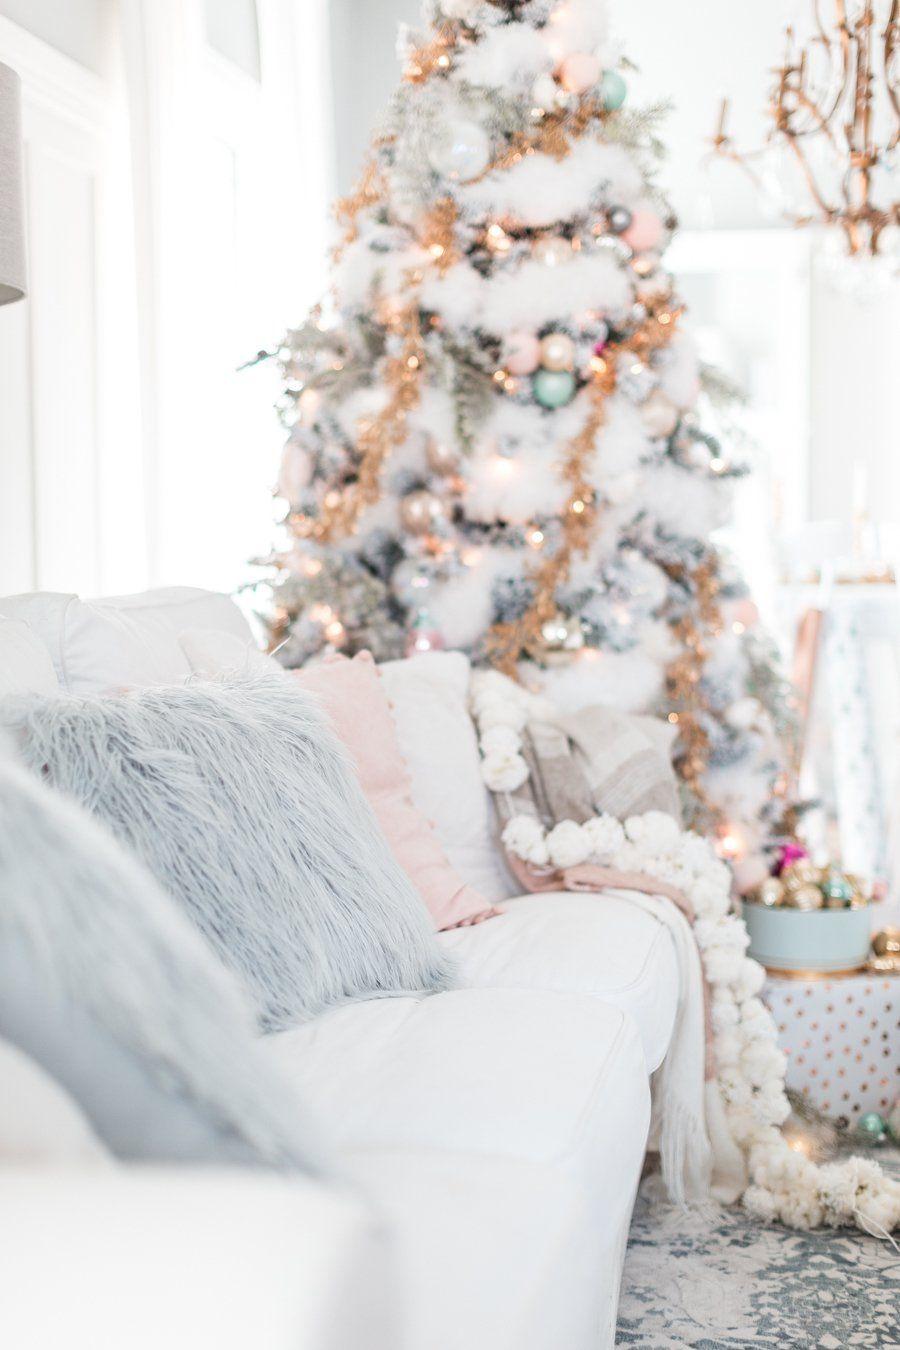 wohnen in weiß, feiern in weiß: pastellfarbene deko weihnachten